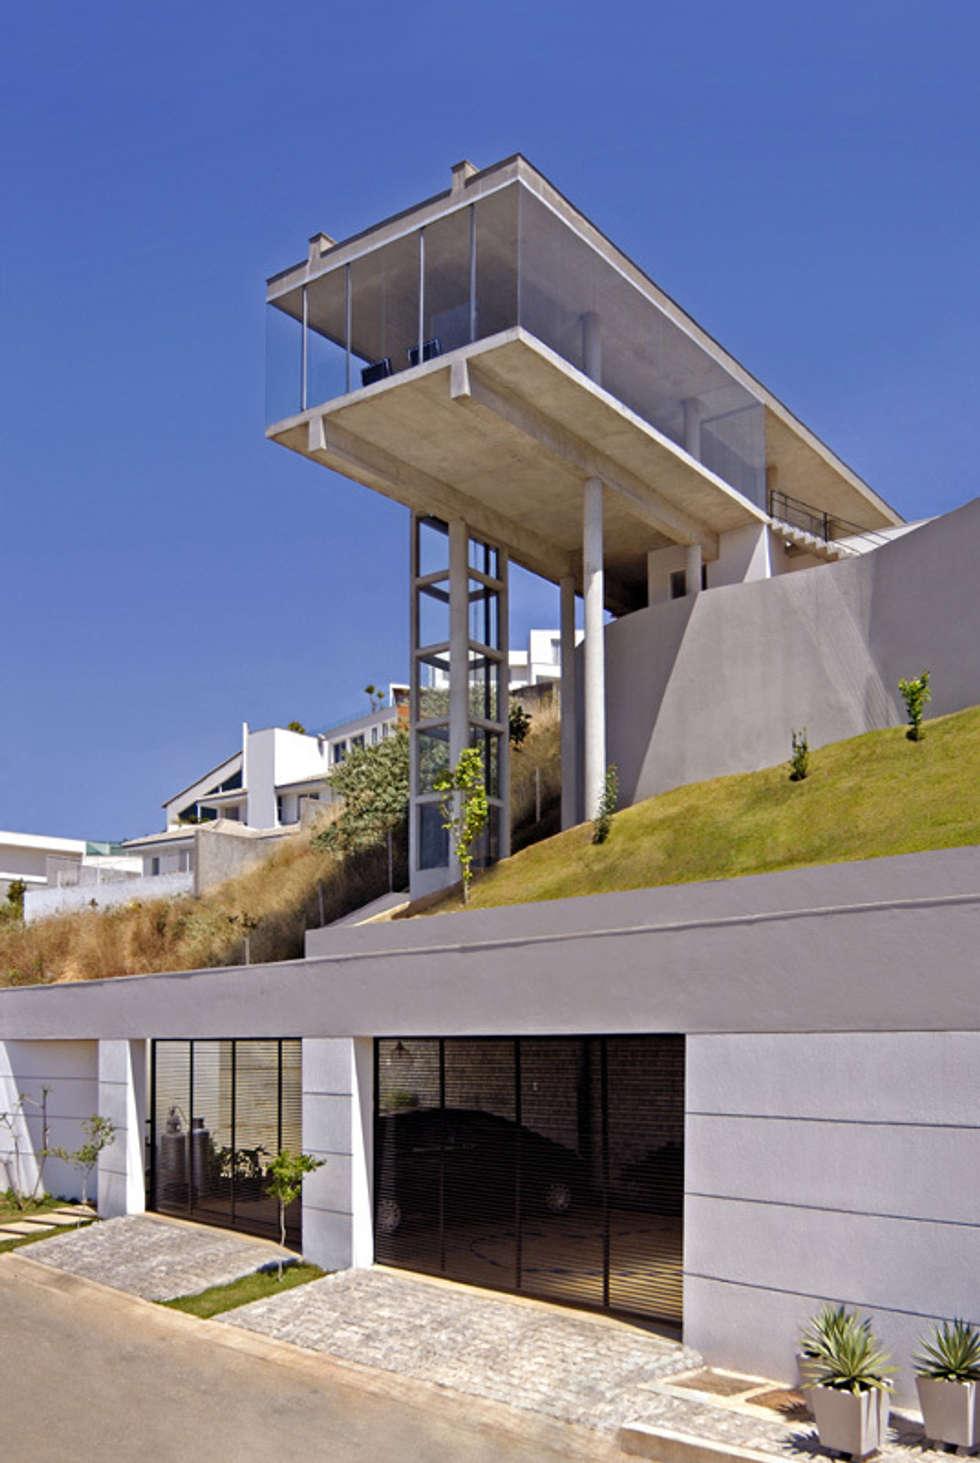 VIsta a partir da rua.: Casas modernas por Humberto Hermeto